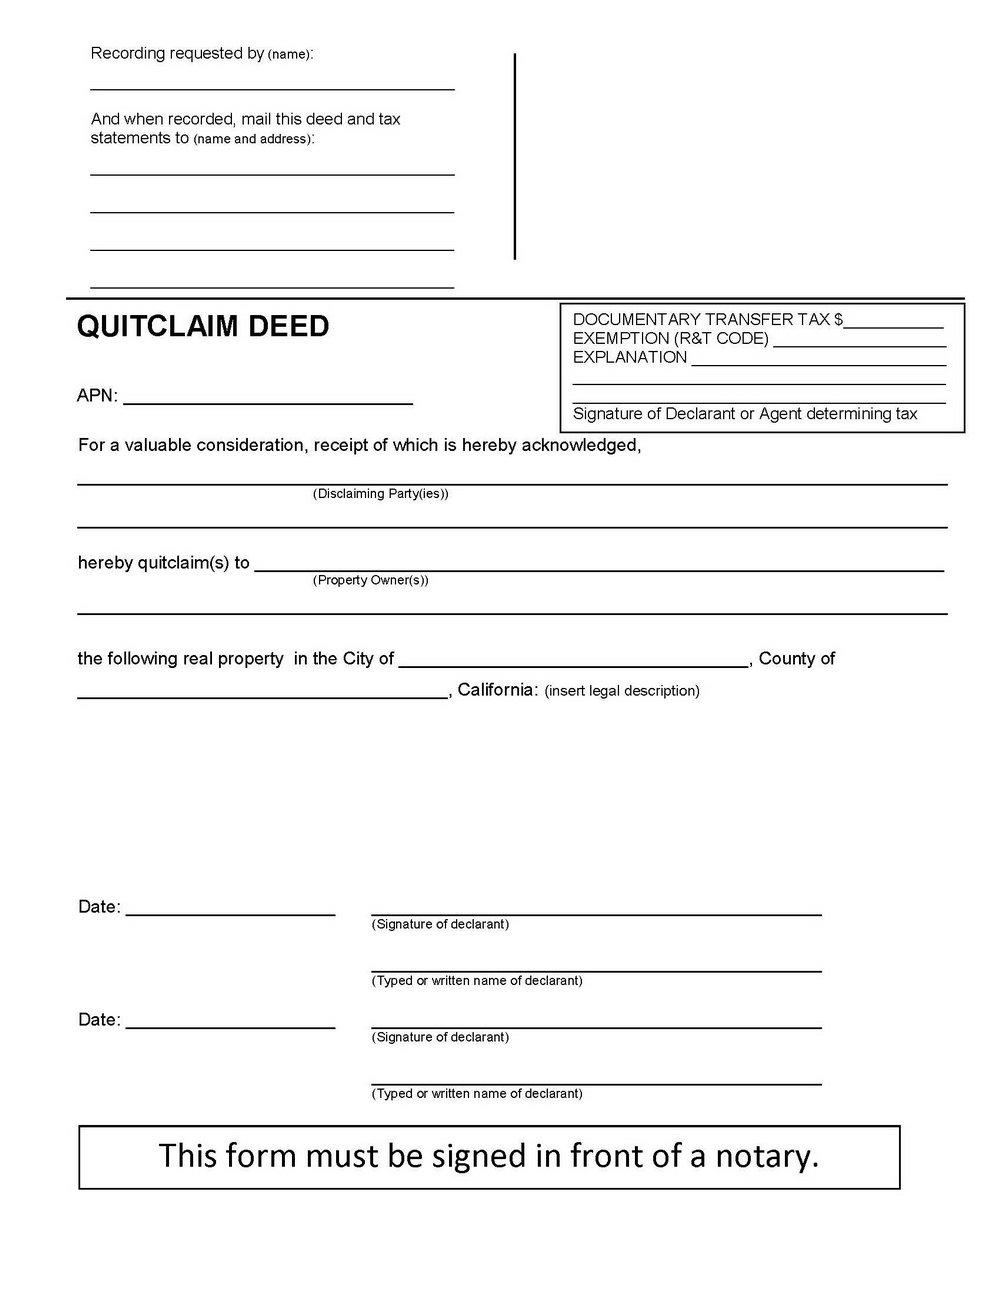 Ca Quit Claim Deed Form